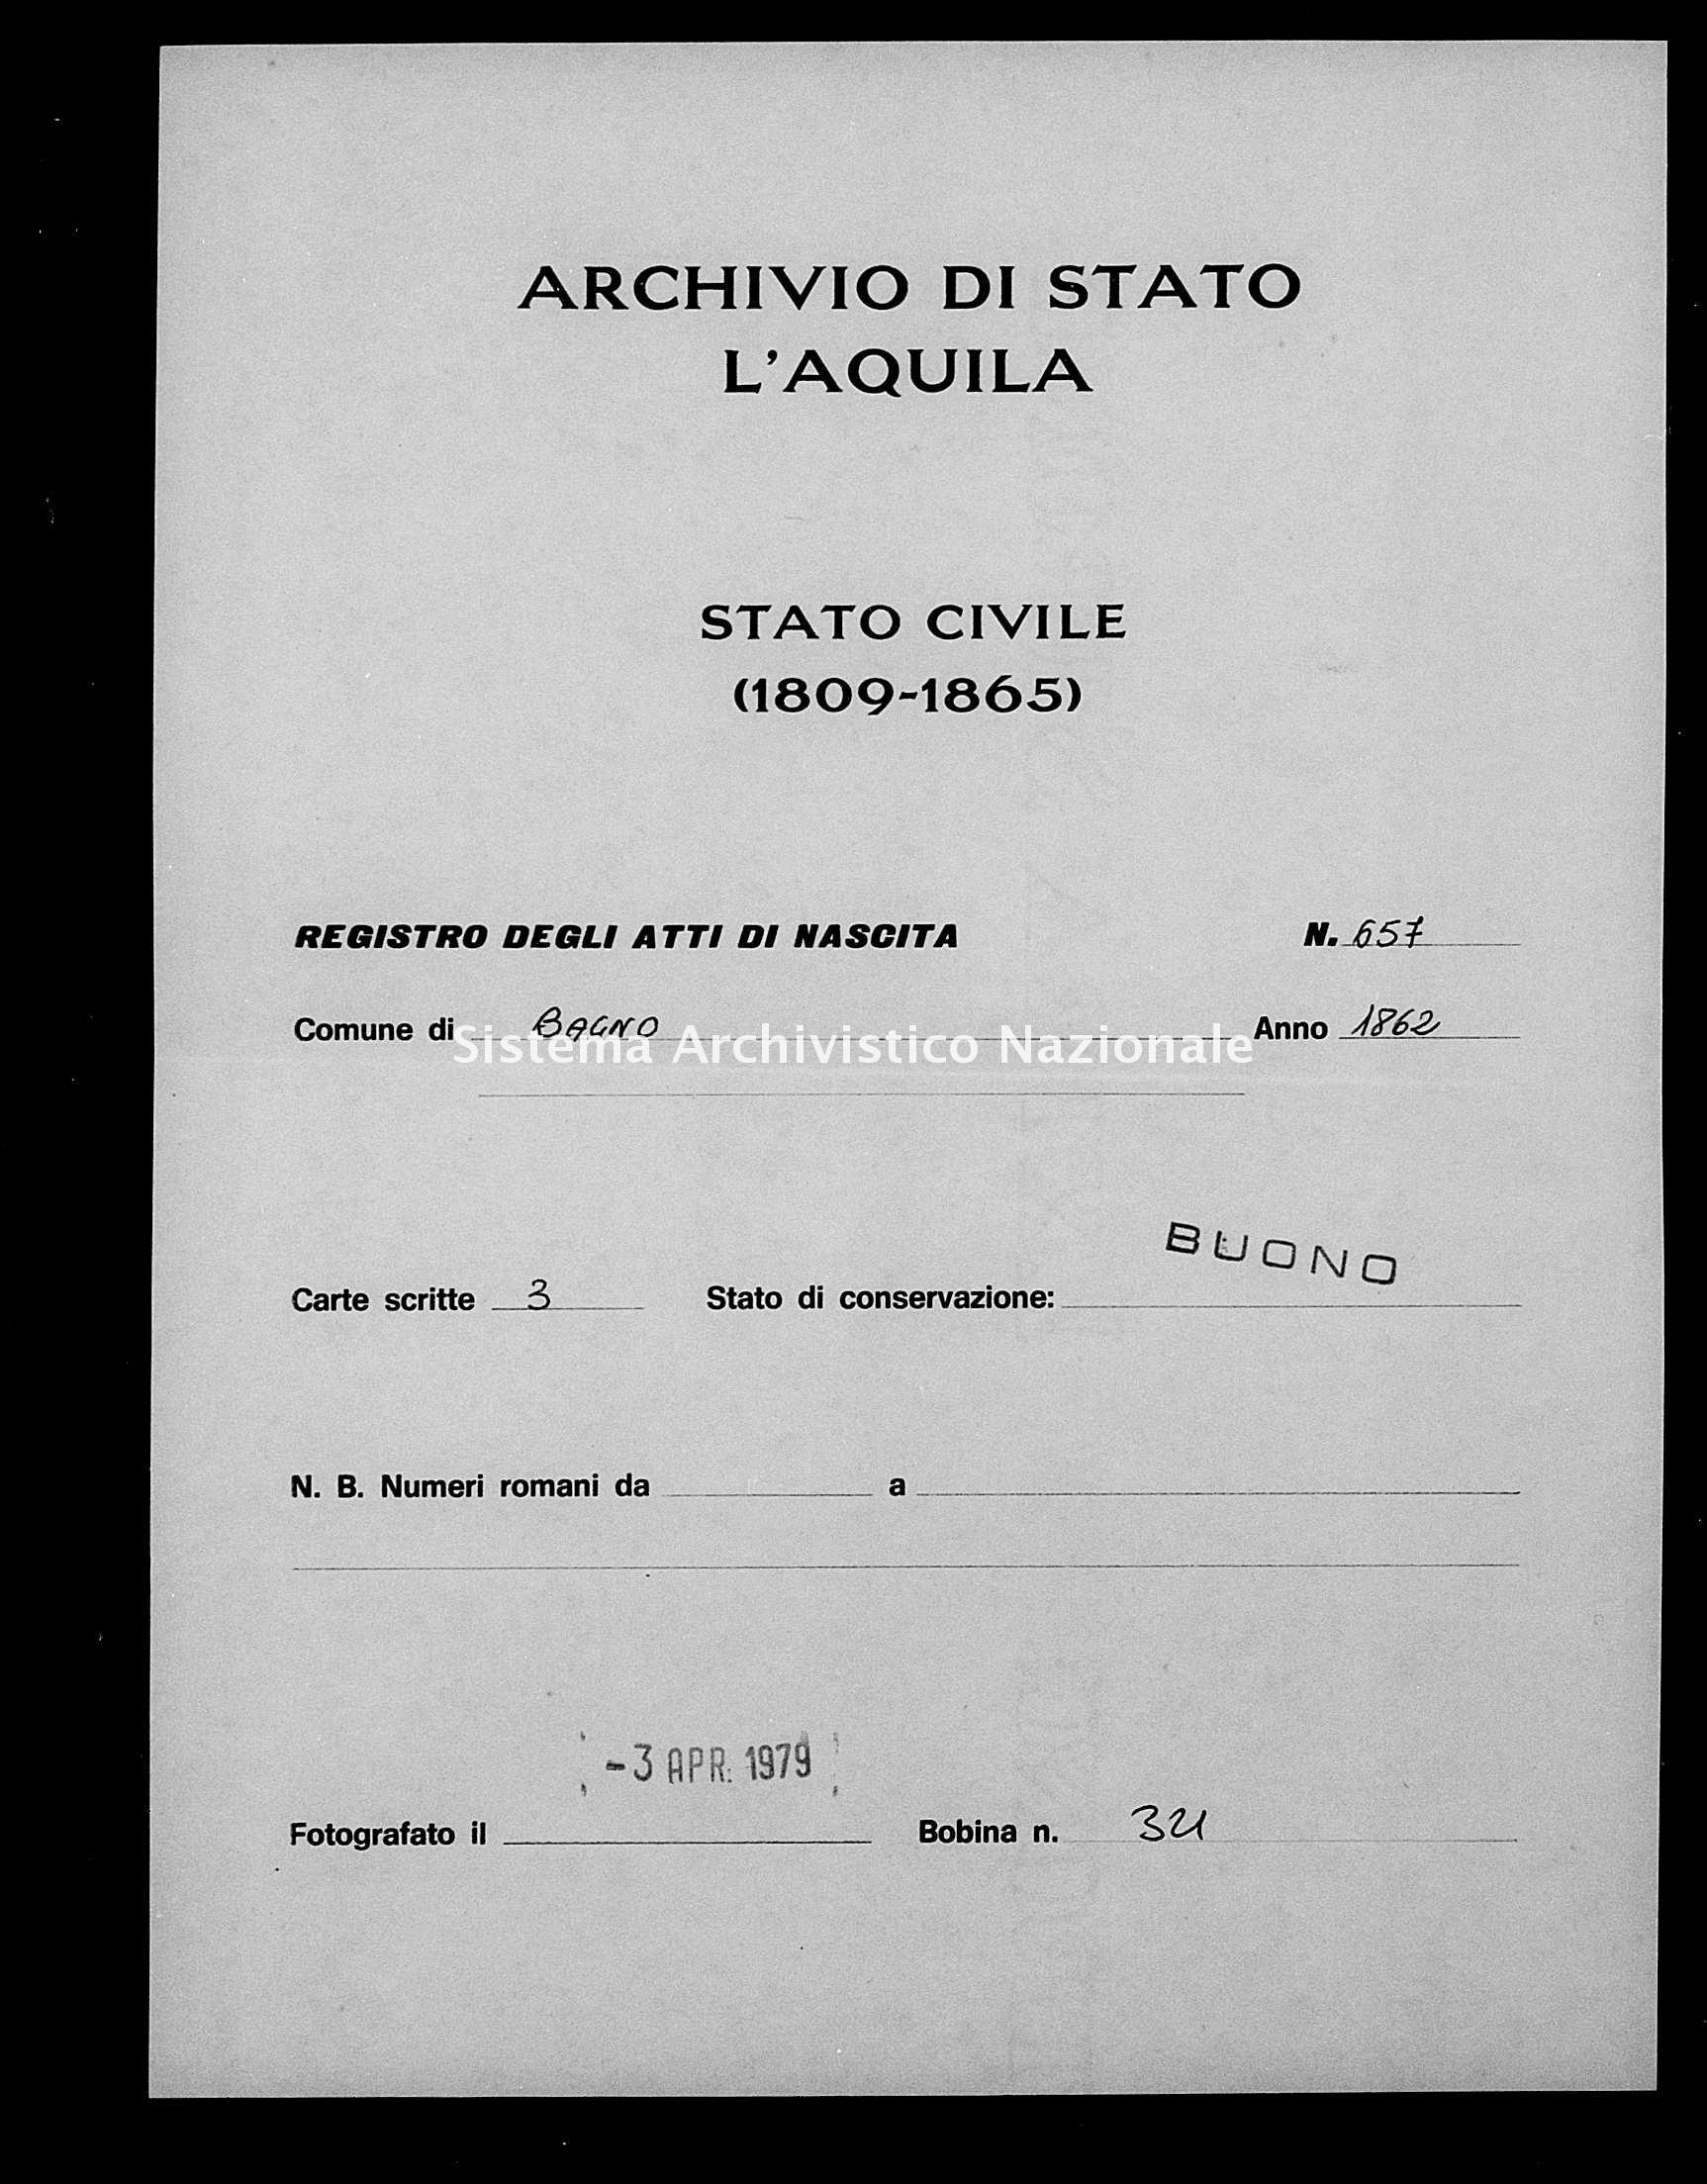 Archivio di stato di L'aquila - Stato civile italiano - Bagno - Nati esposti - 1862 - 657 -